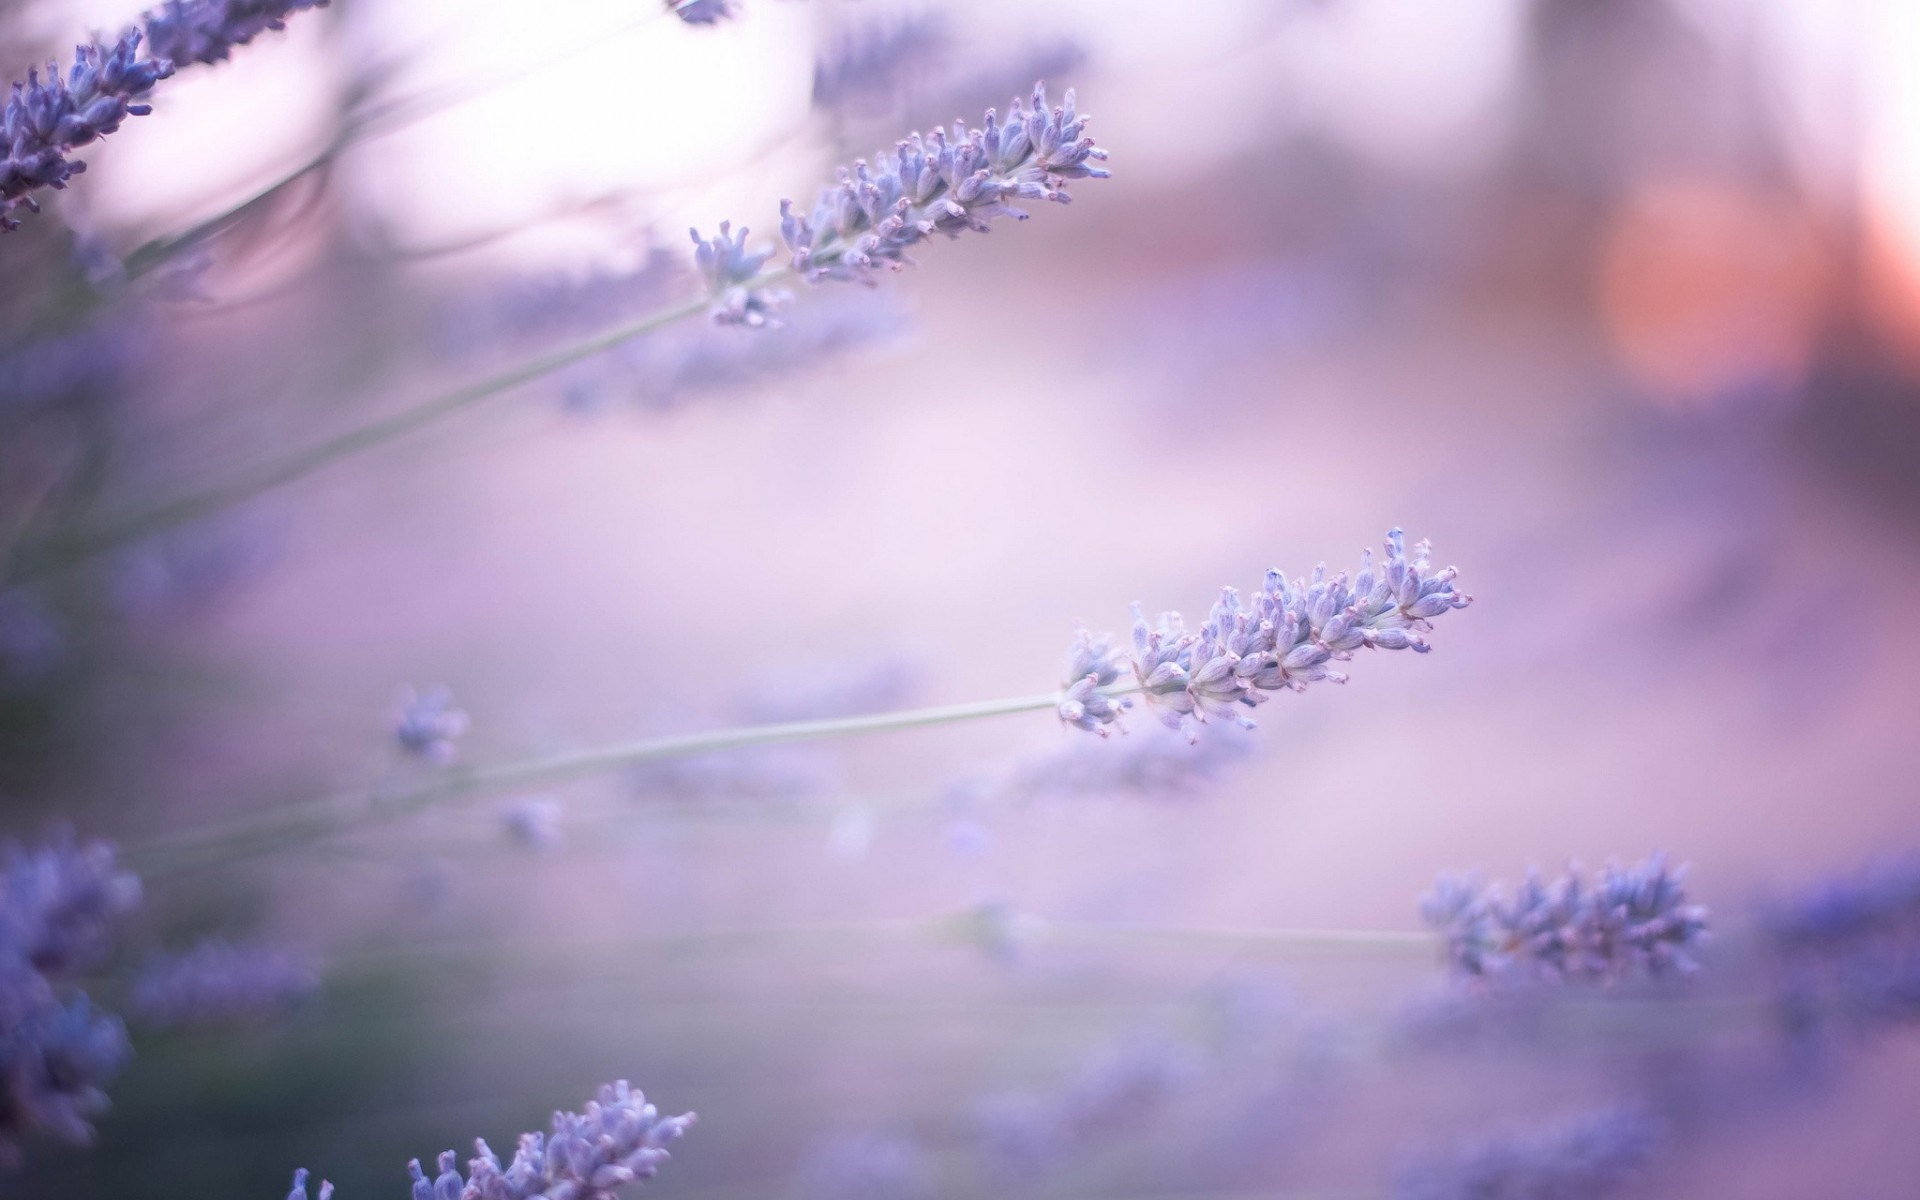 Macro Lavender Flower Wallpaper Wallpaper WallpaperLepi 1920x1200